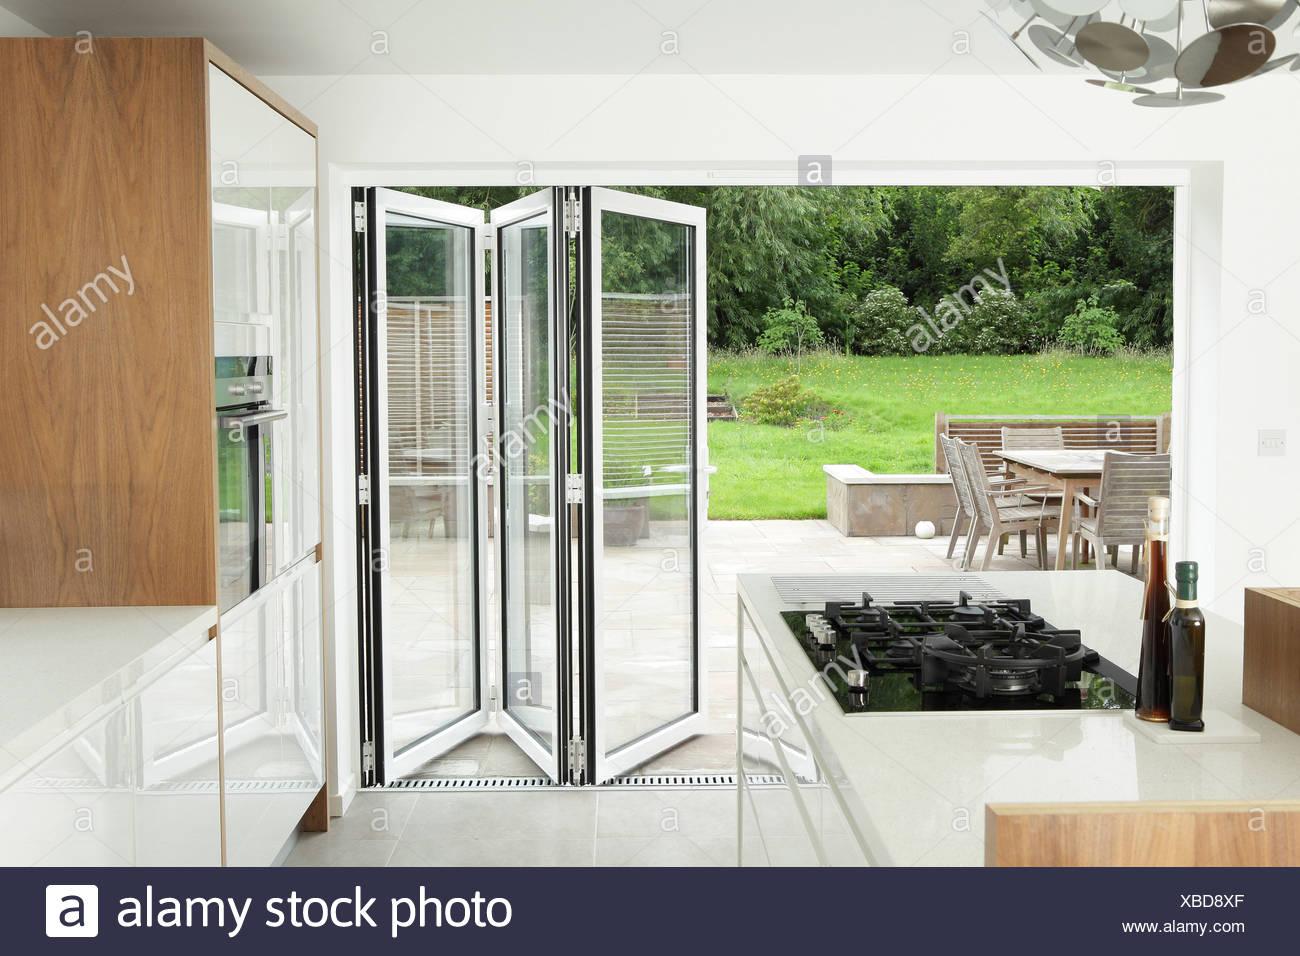 Cucina con aprire le porte del patio Immagini Stock